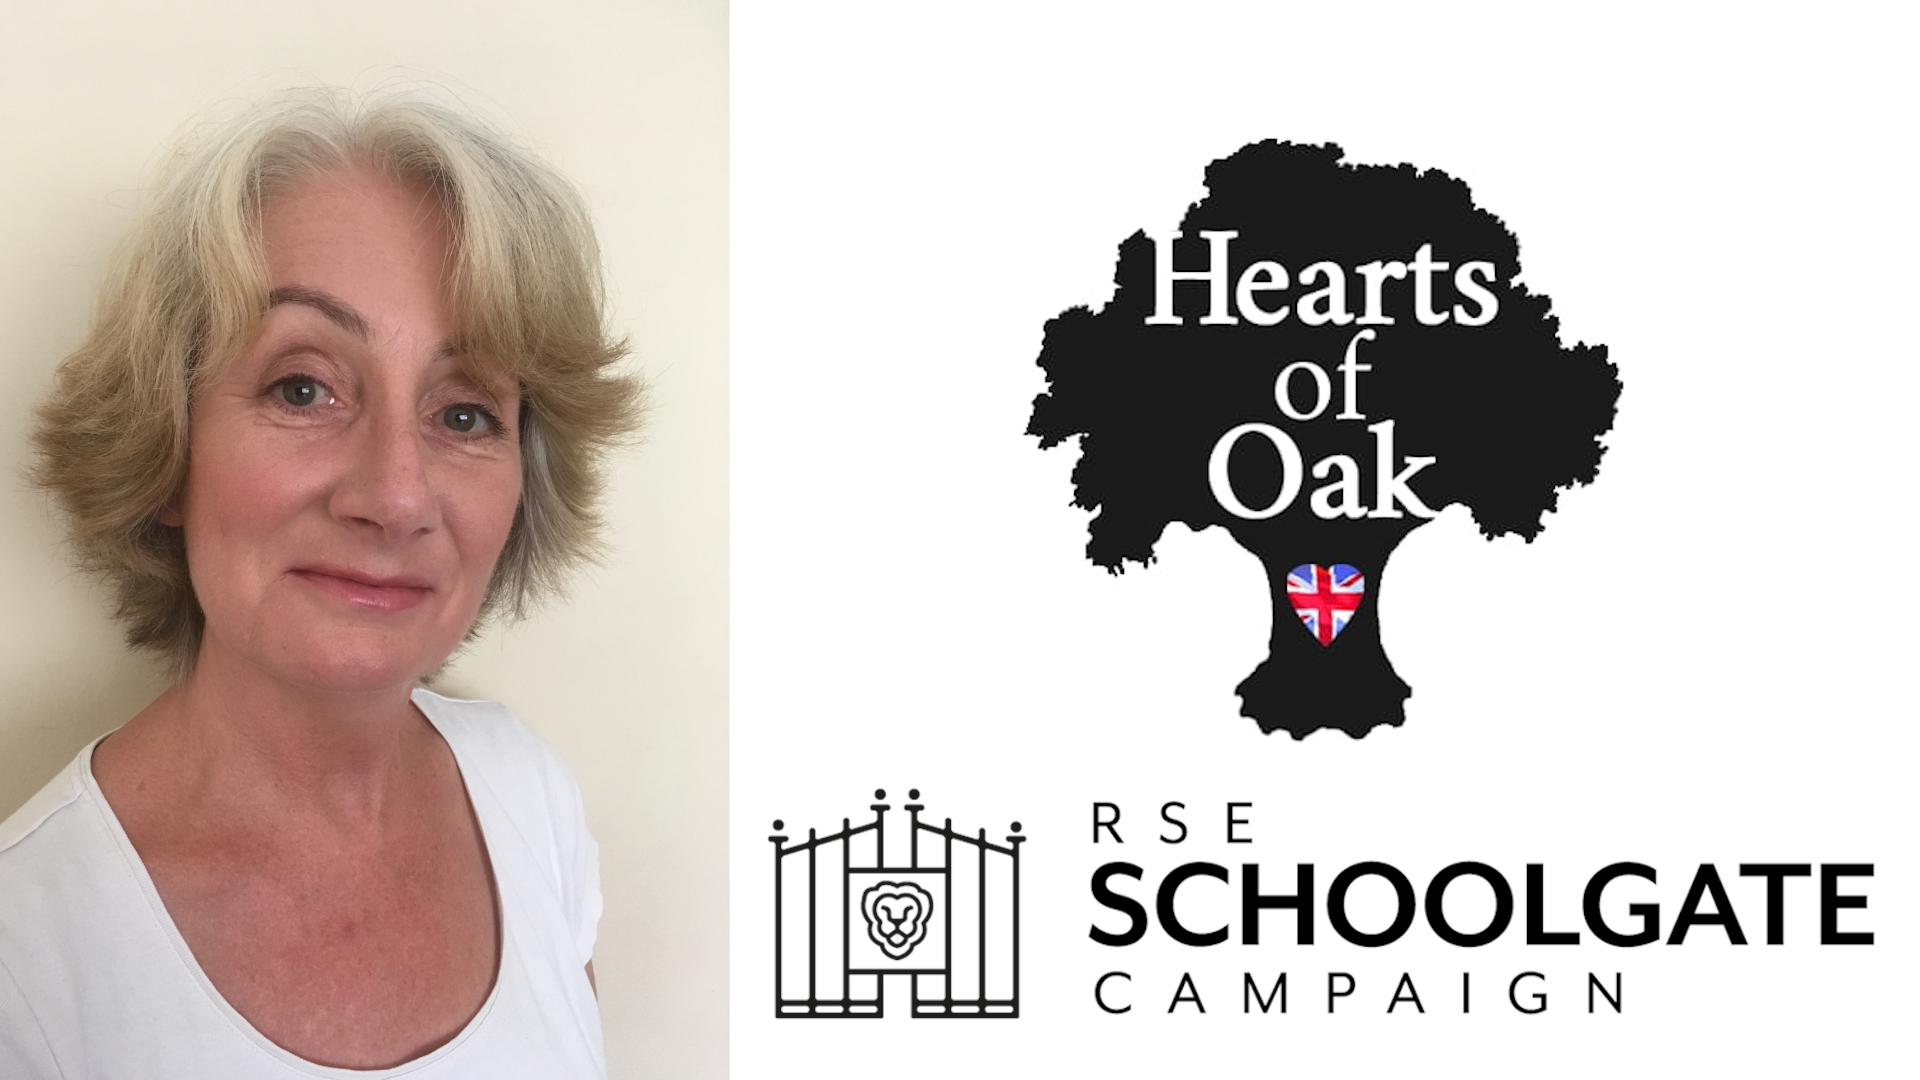 The School Gate Campaign